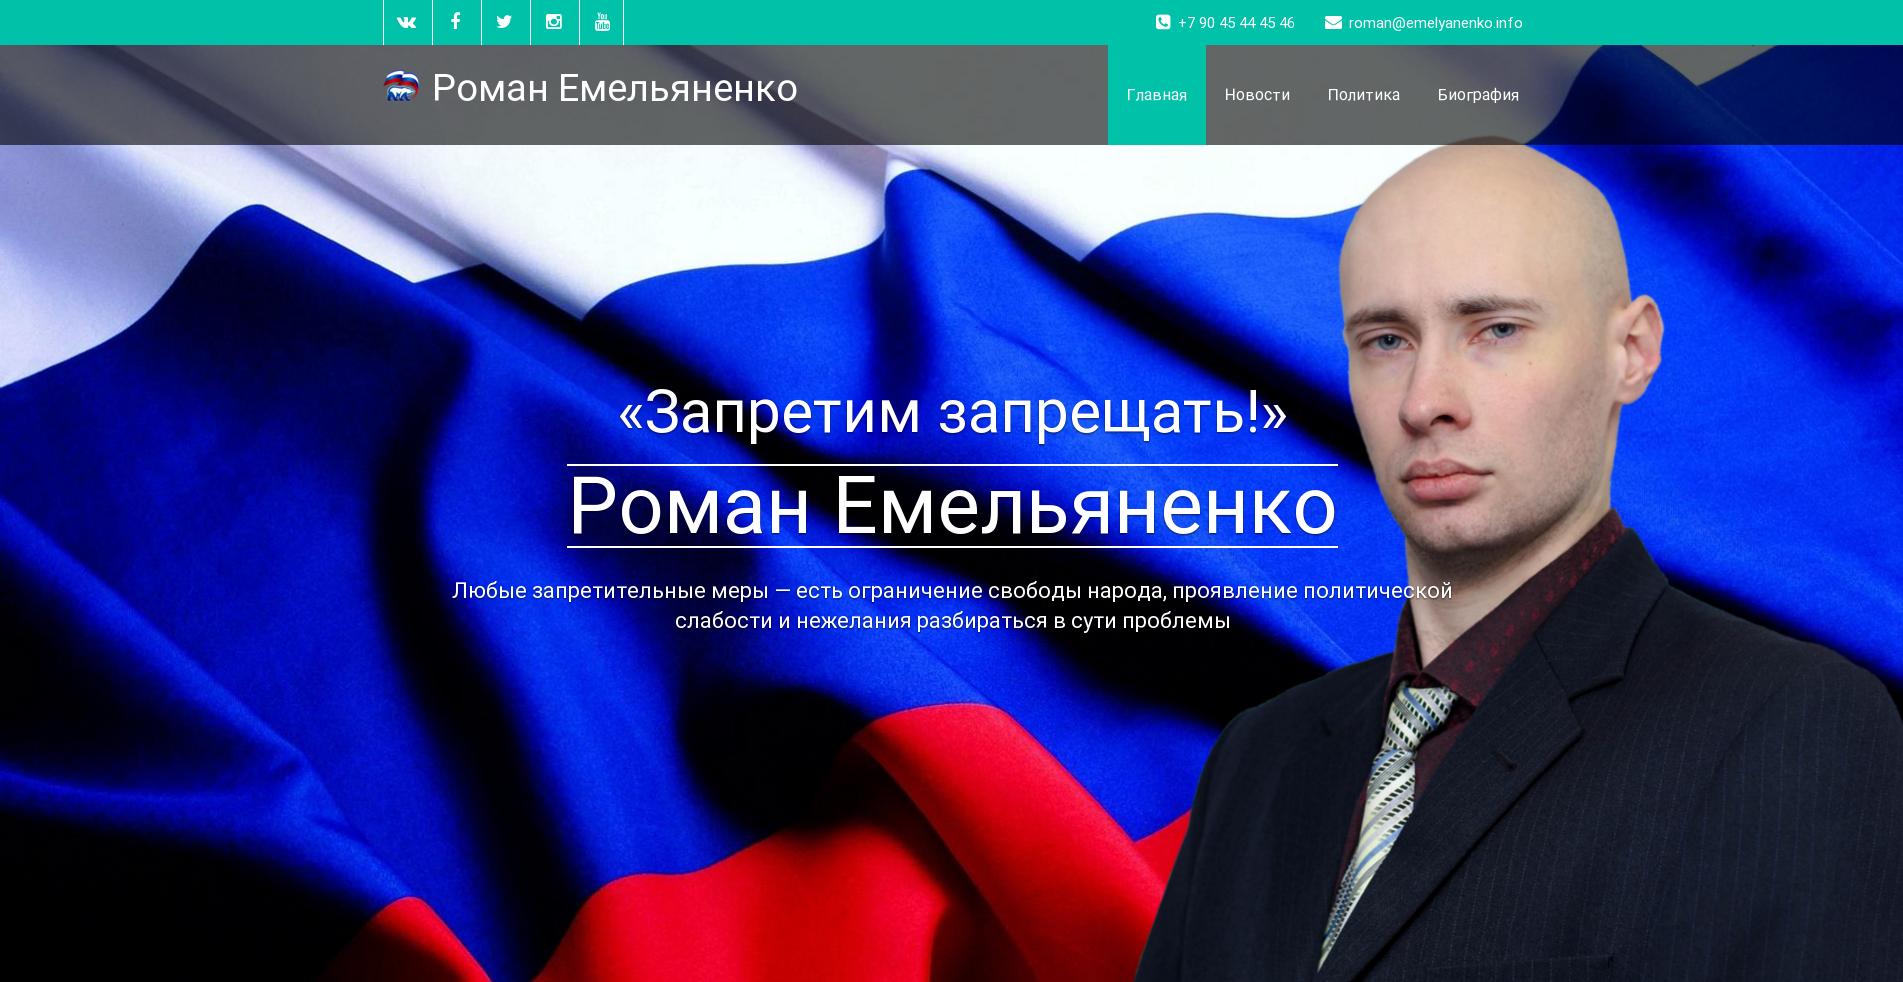 Официальный сайт политика Романа Емельяненко